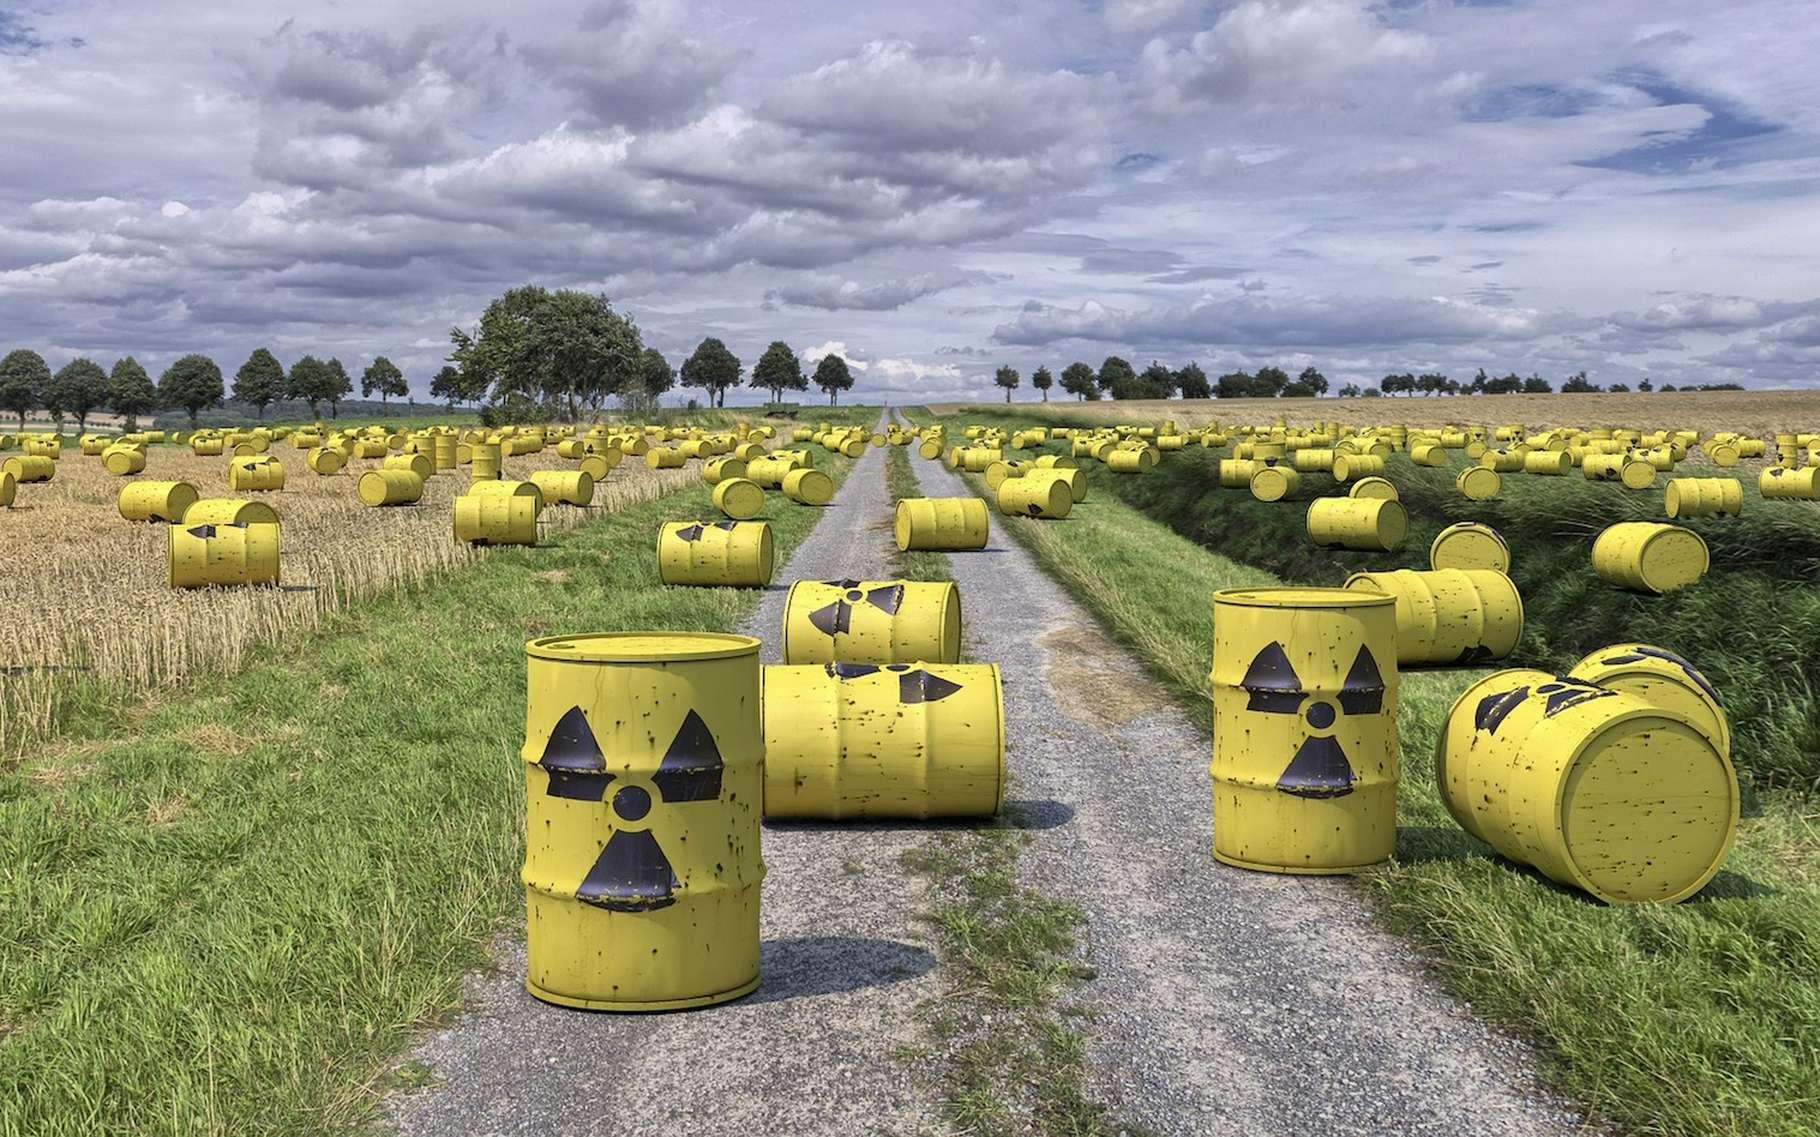 Les déchets nucléaires sont produits au cœur des centrales nucléaires et émettent un rayonnement radioactif. © rabedirkwennigsen, Pixabay, DP